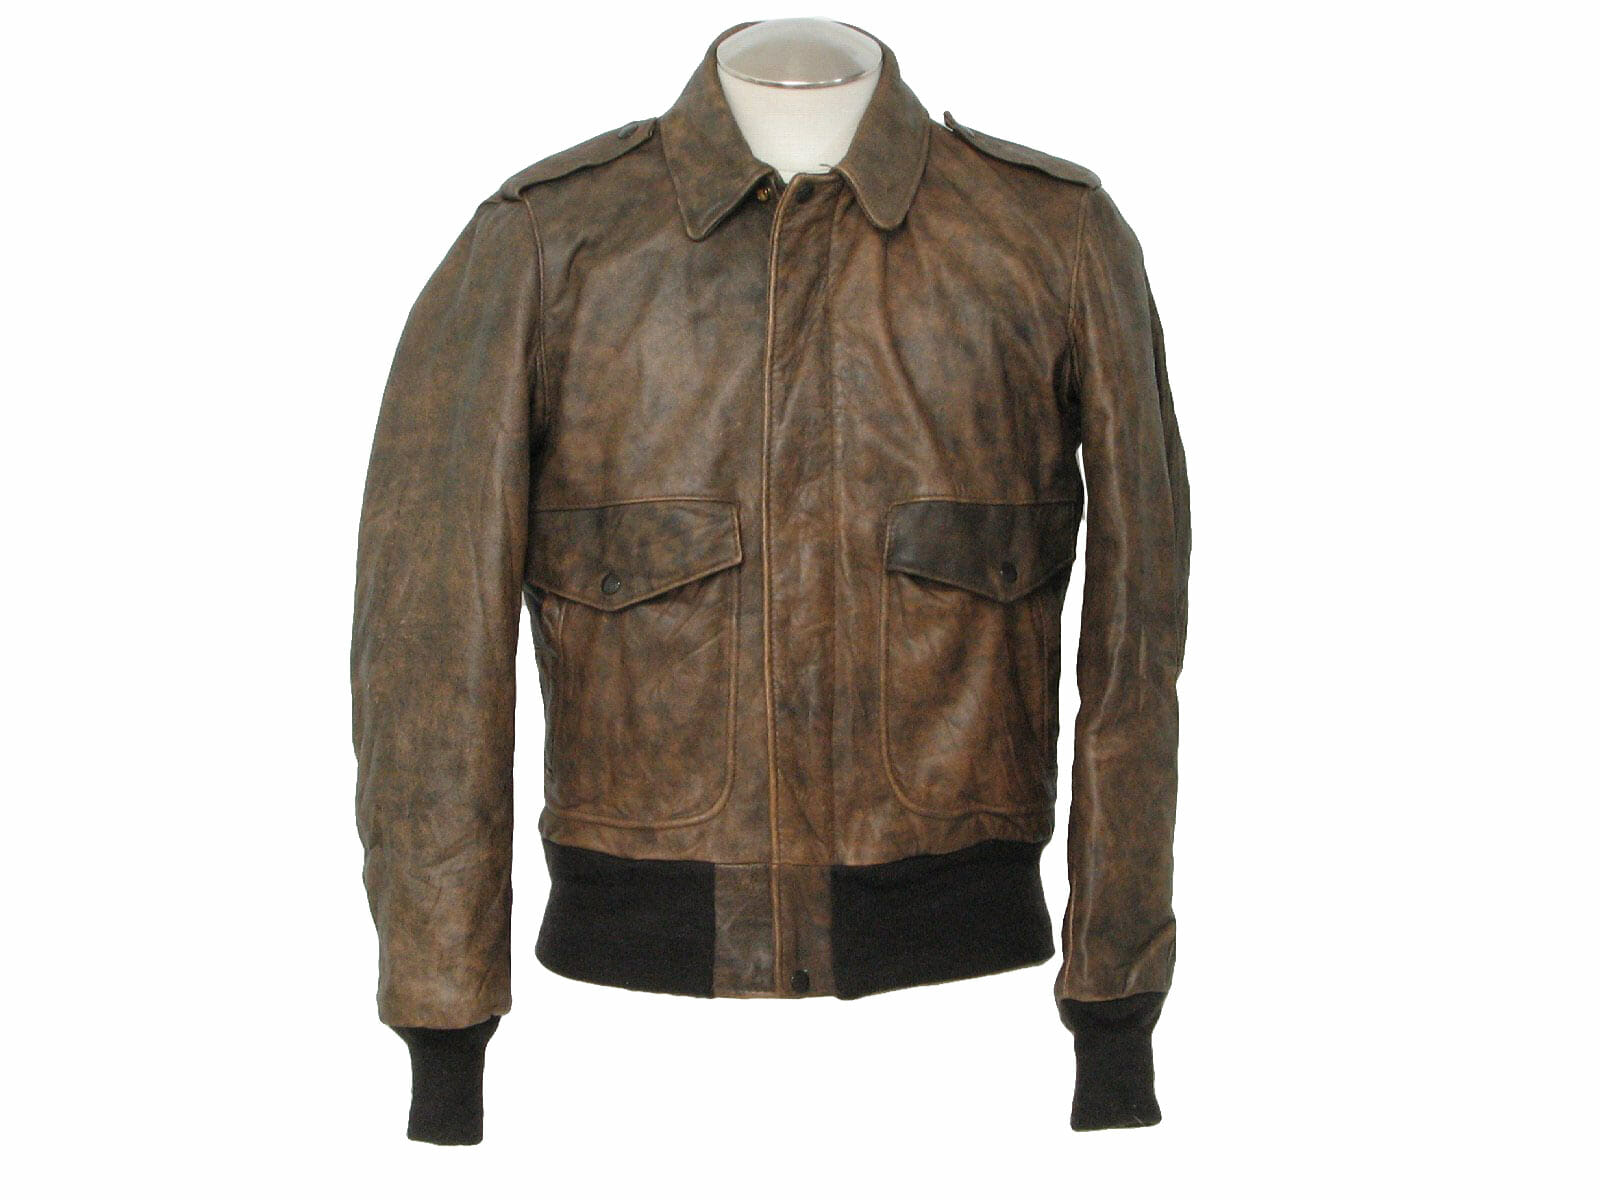 vintage leather bomber jacket | METROPOLIS VINTAGE N.Y.C.